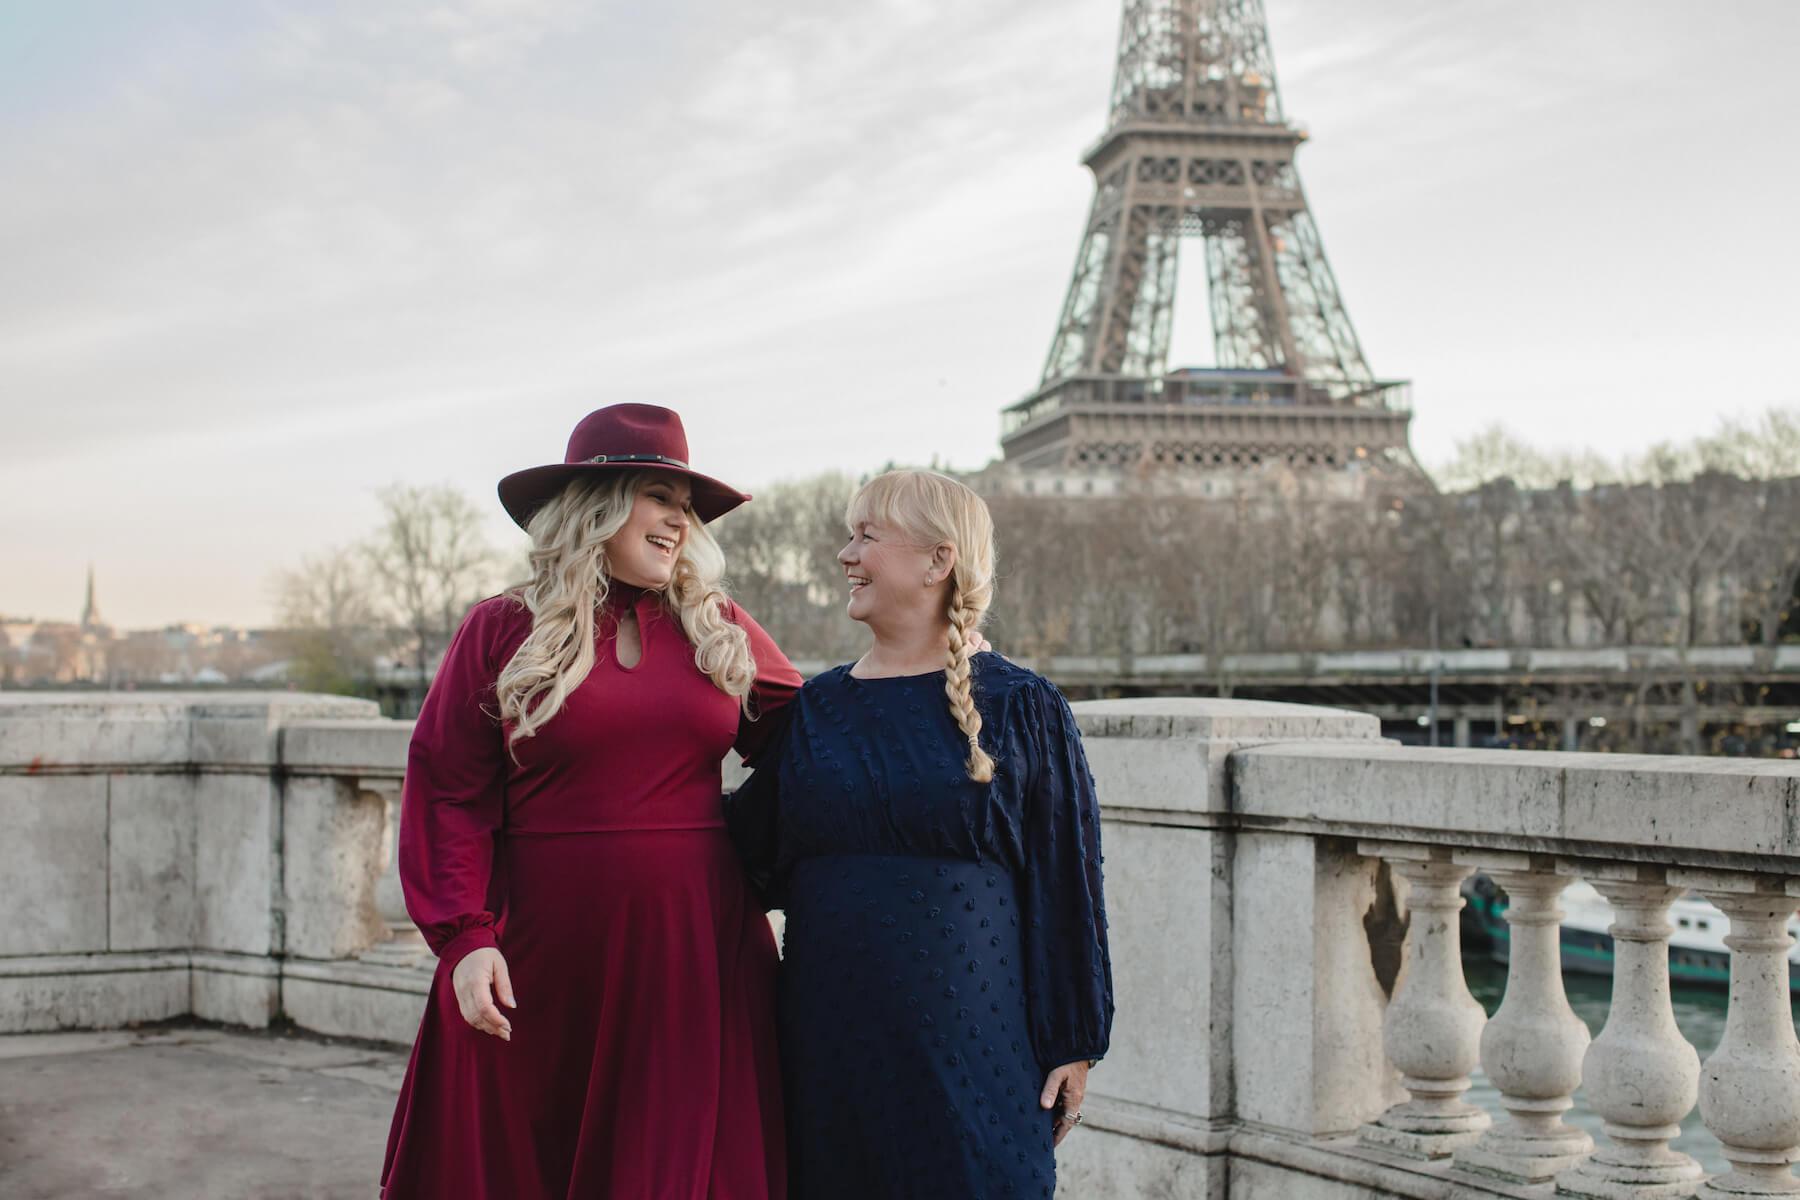 paris-12-10-2019-birthday-3_original